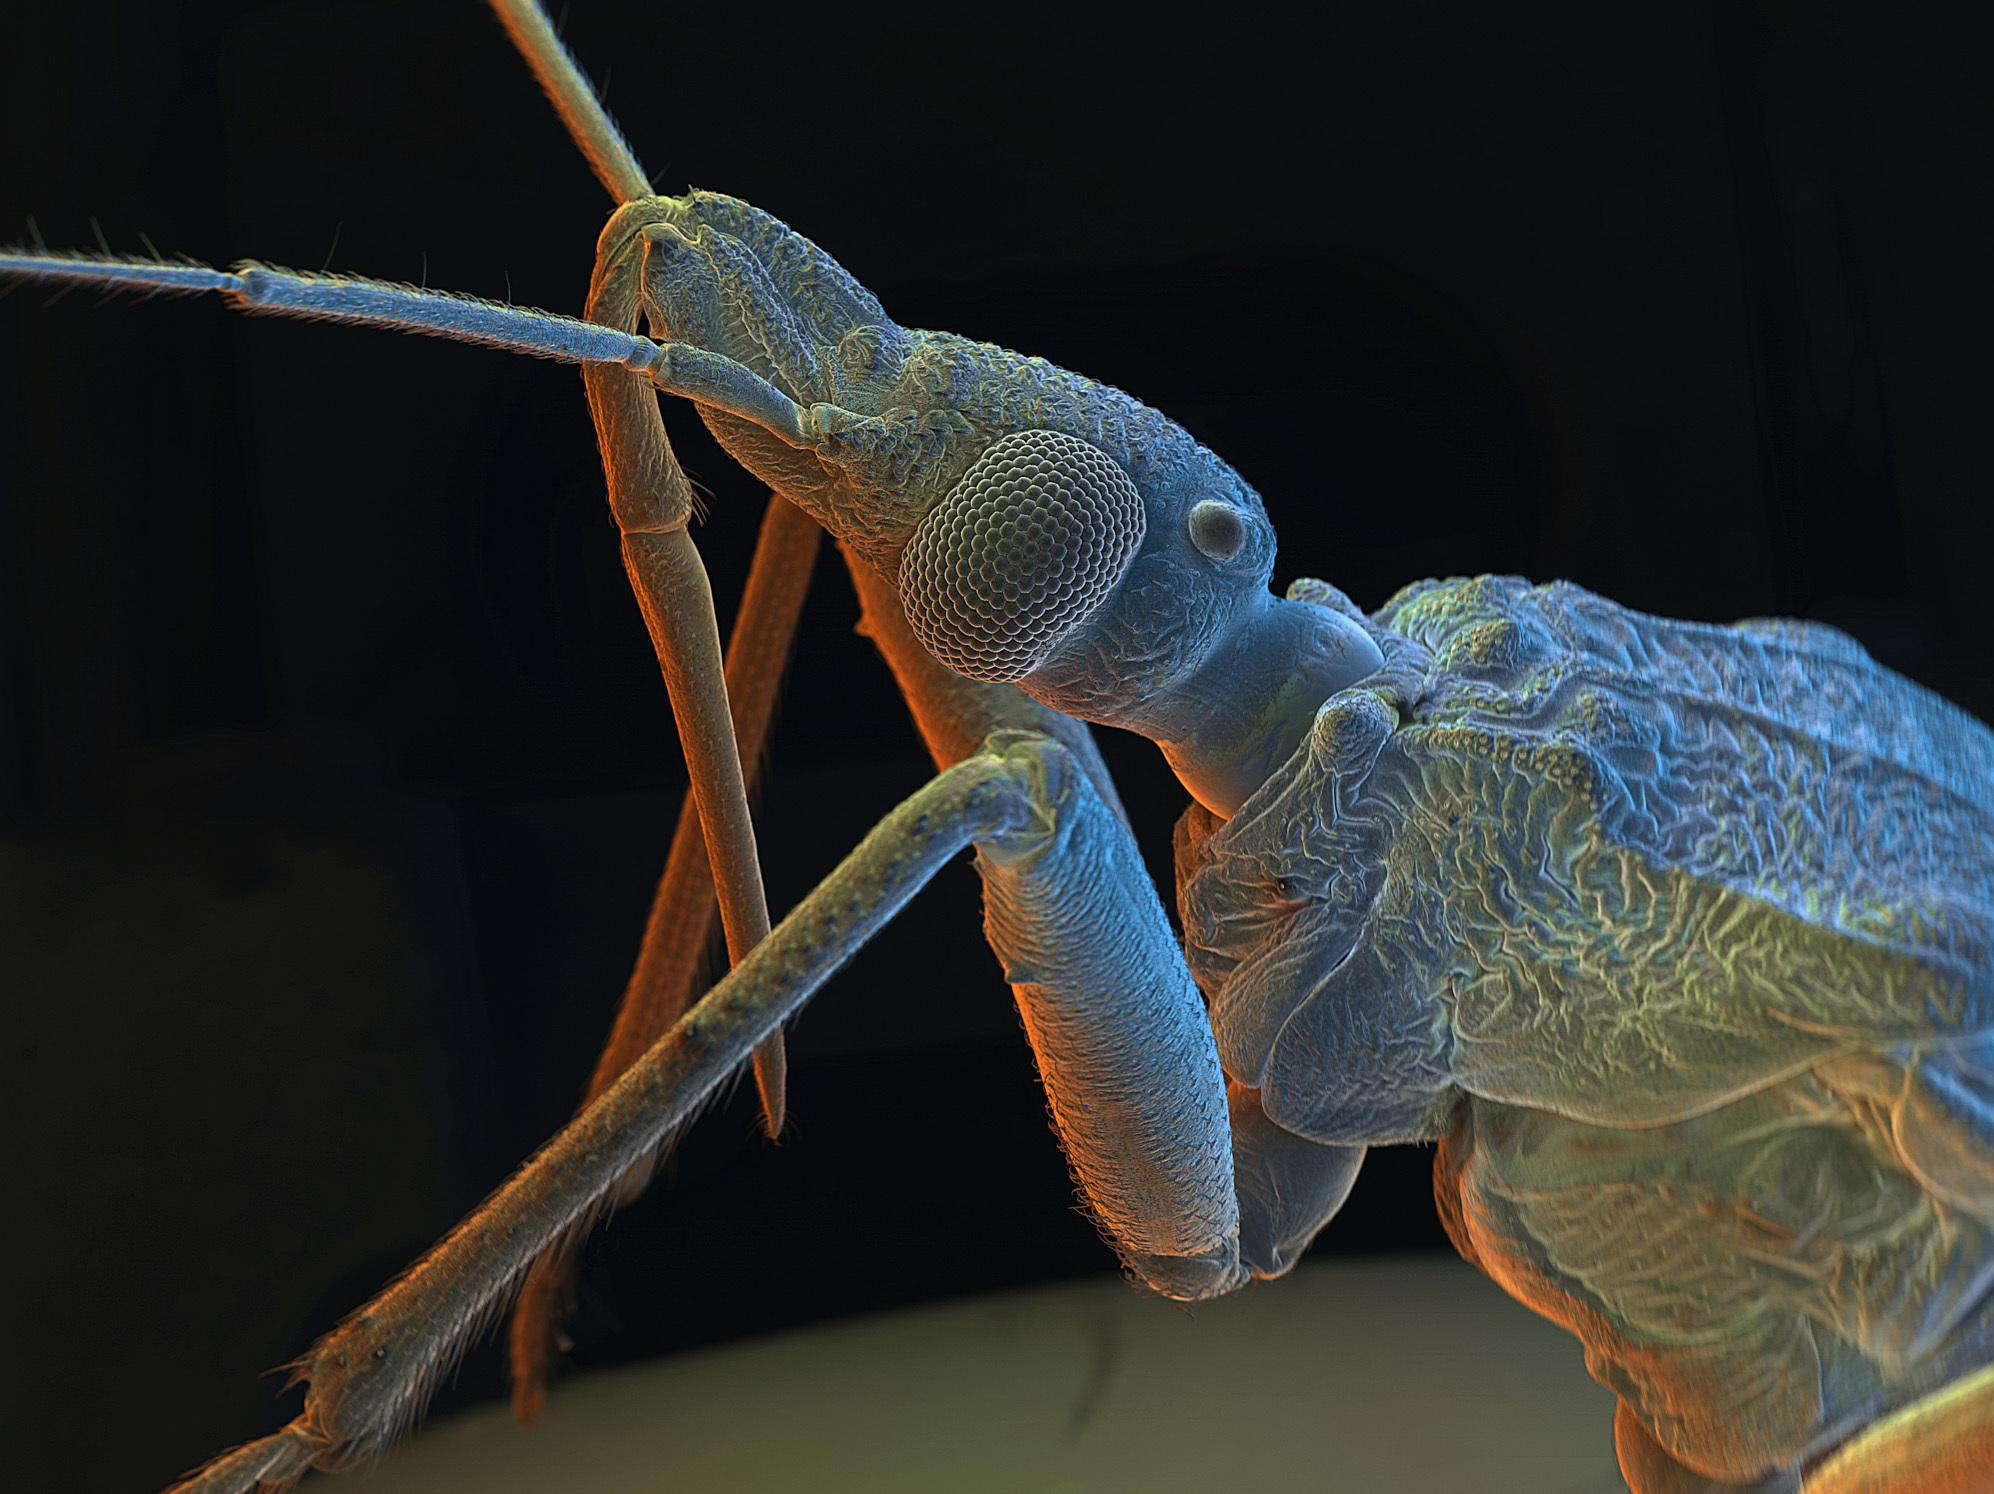 kissing bug in wv